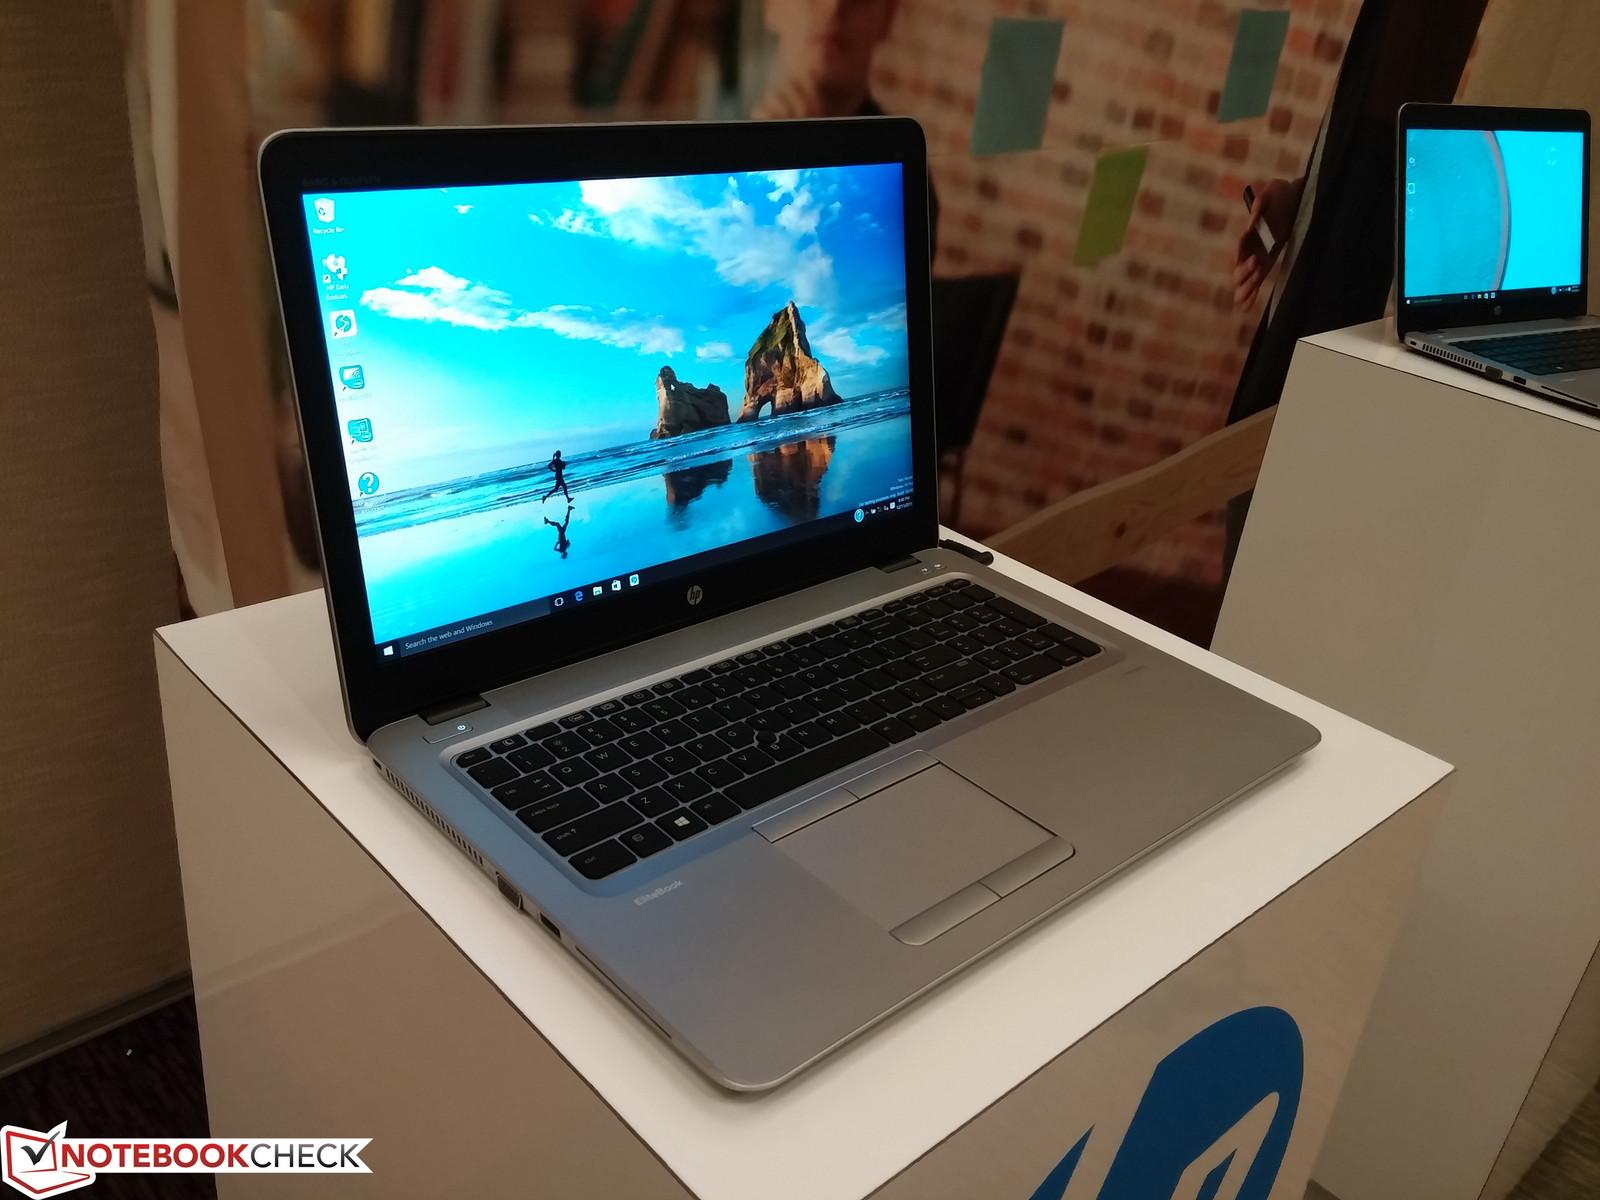 Chuyên nhập trực tiếp từ mỹ về laptop..core i....giá >4tr>5tr>6tr>7tr>tới 10tr,máy mới 99%..zin 100% - 25